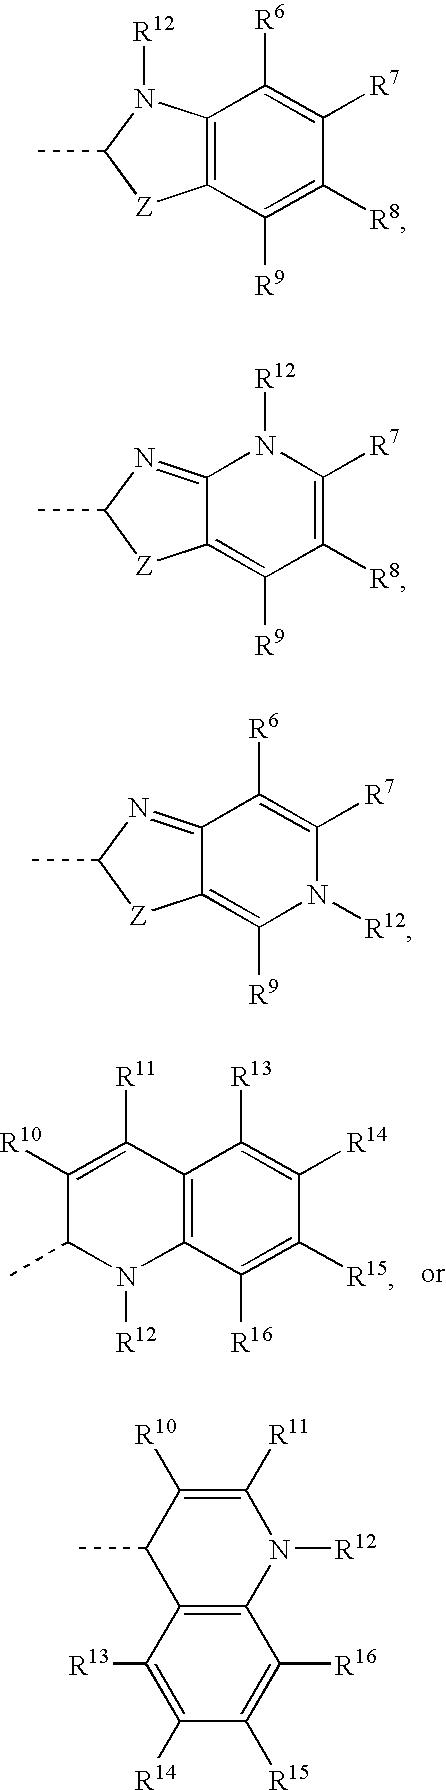 Figure US07271265-20070918-C00027